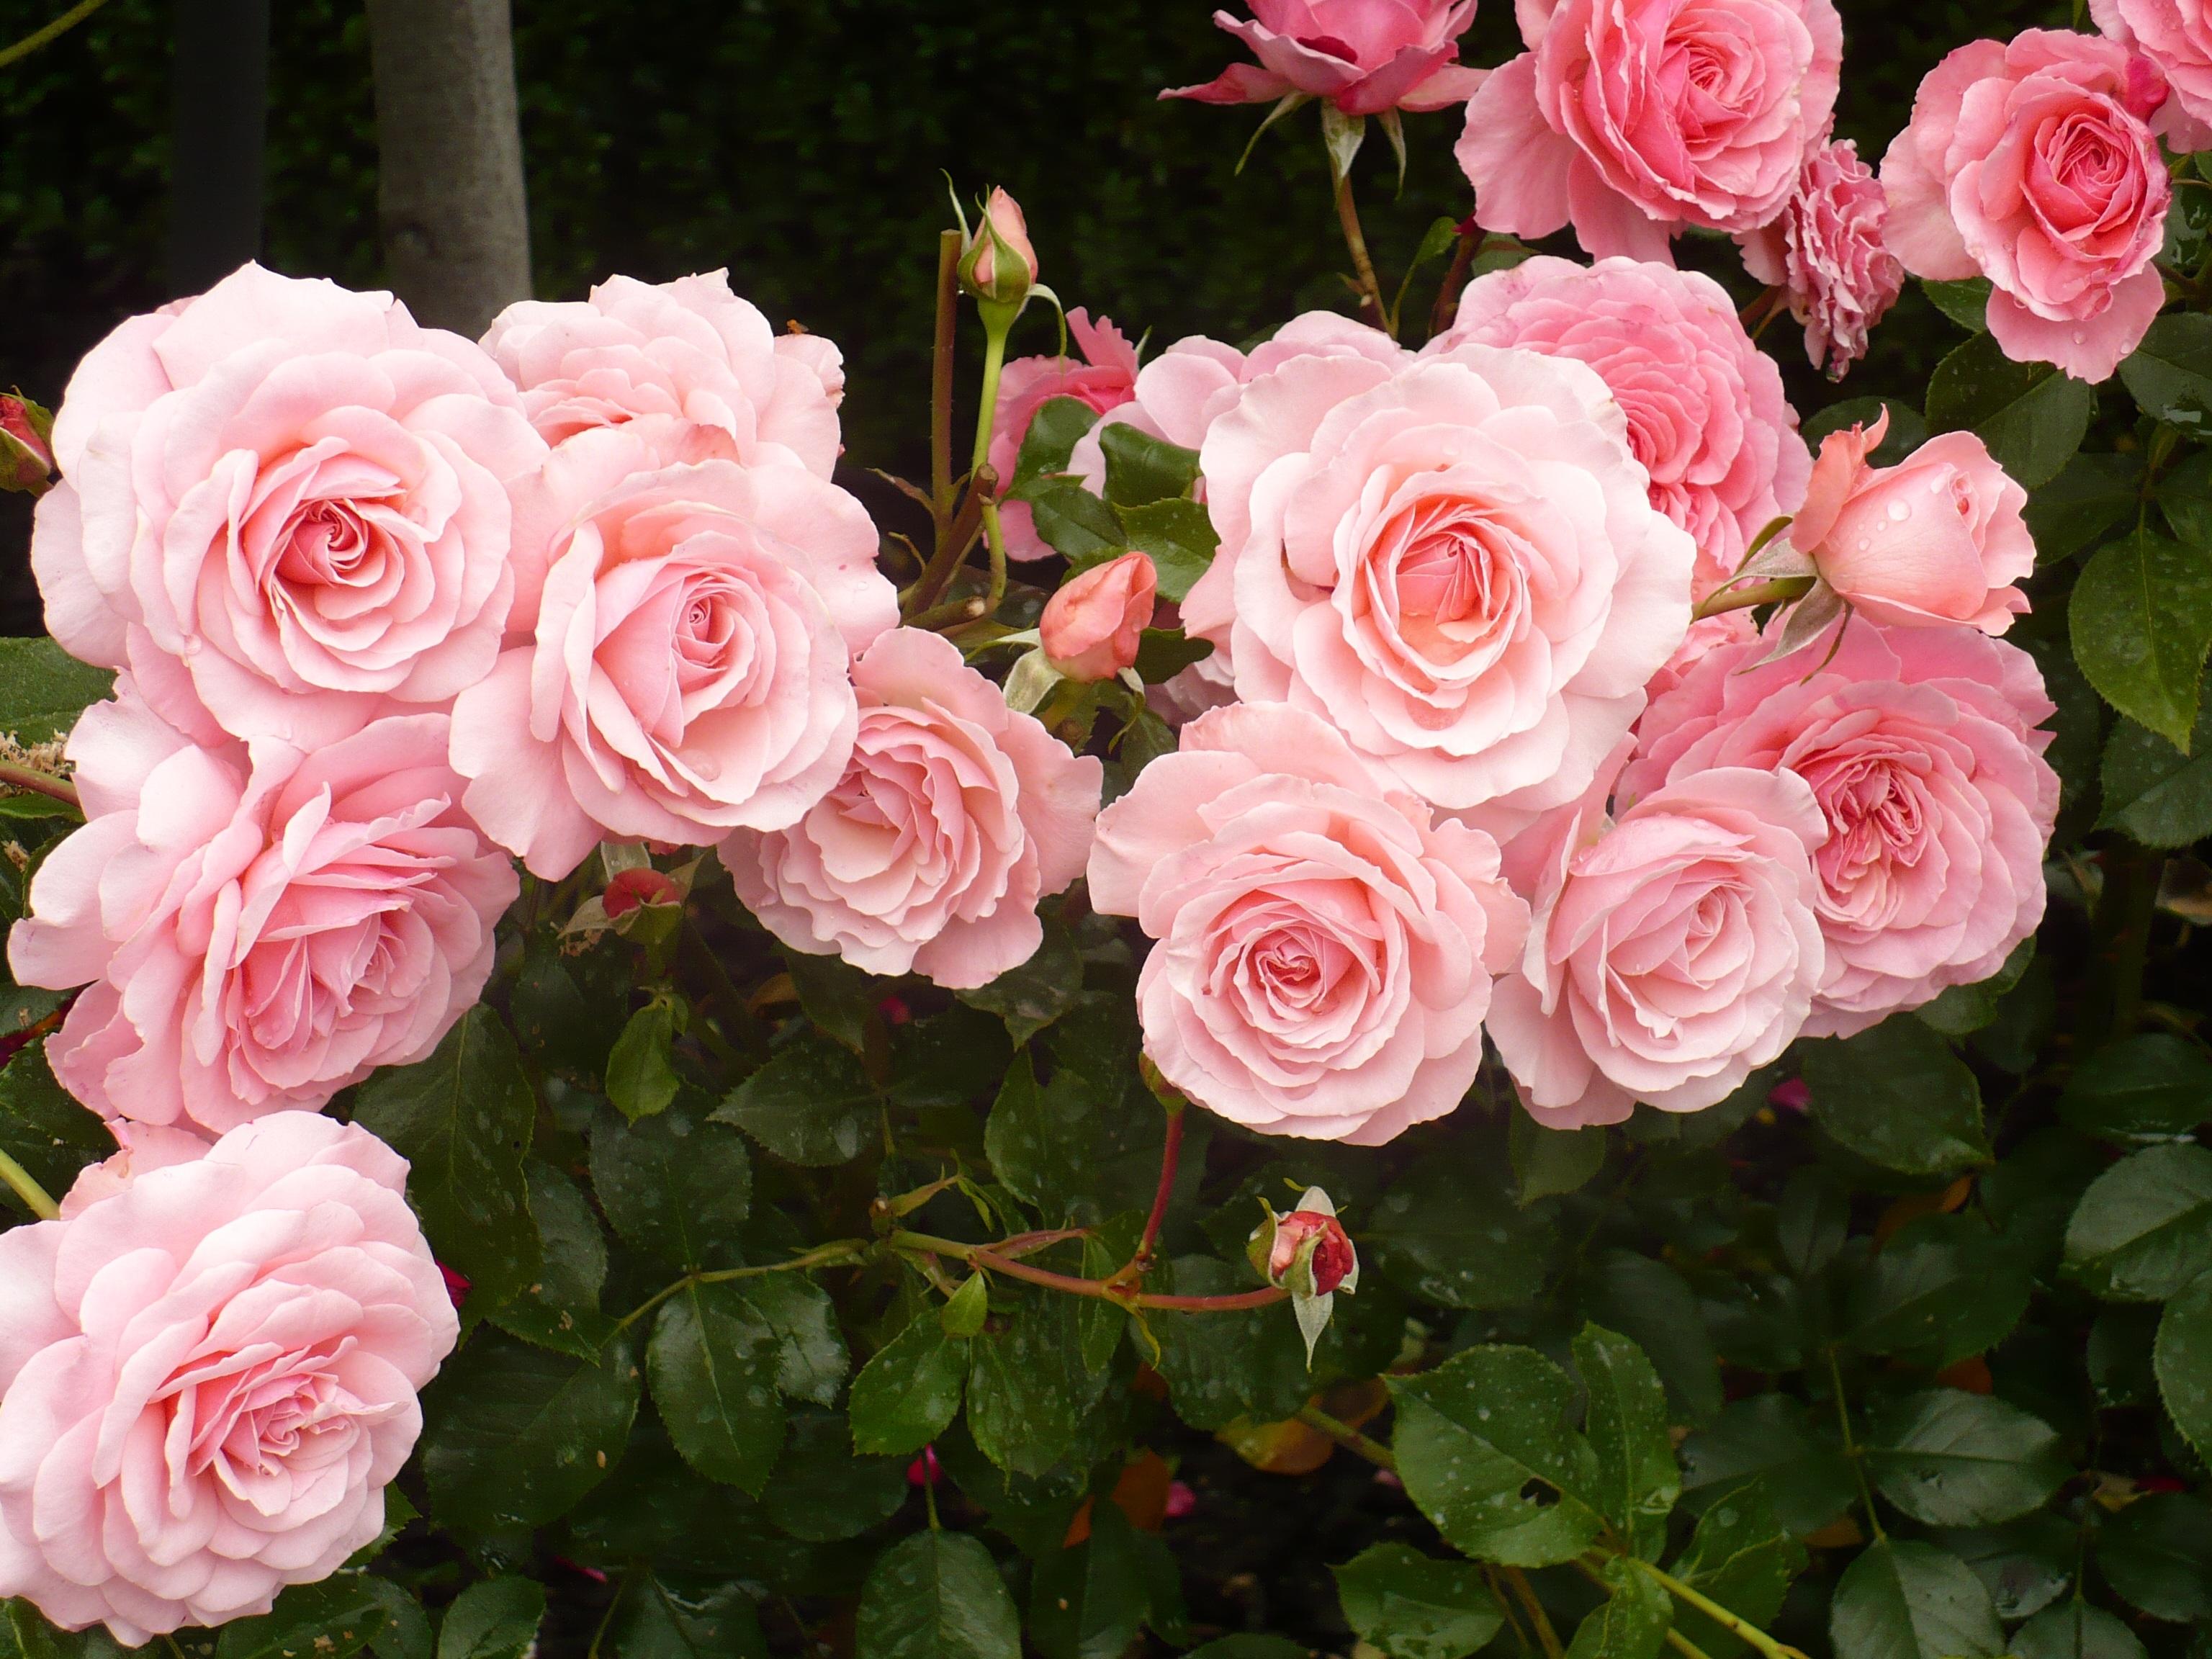 Free Images Flower Petal Bloom Fresh Pink Botanical Blossoms